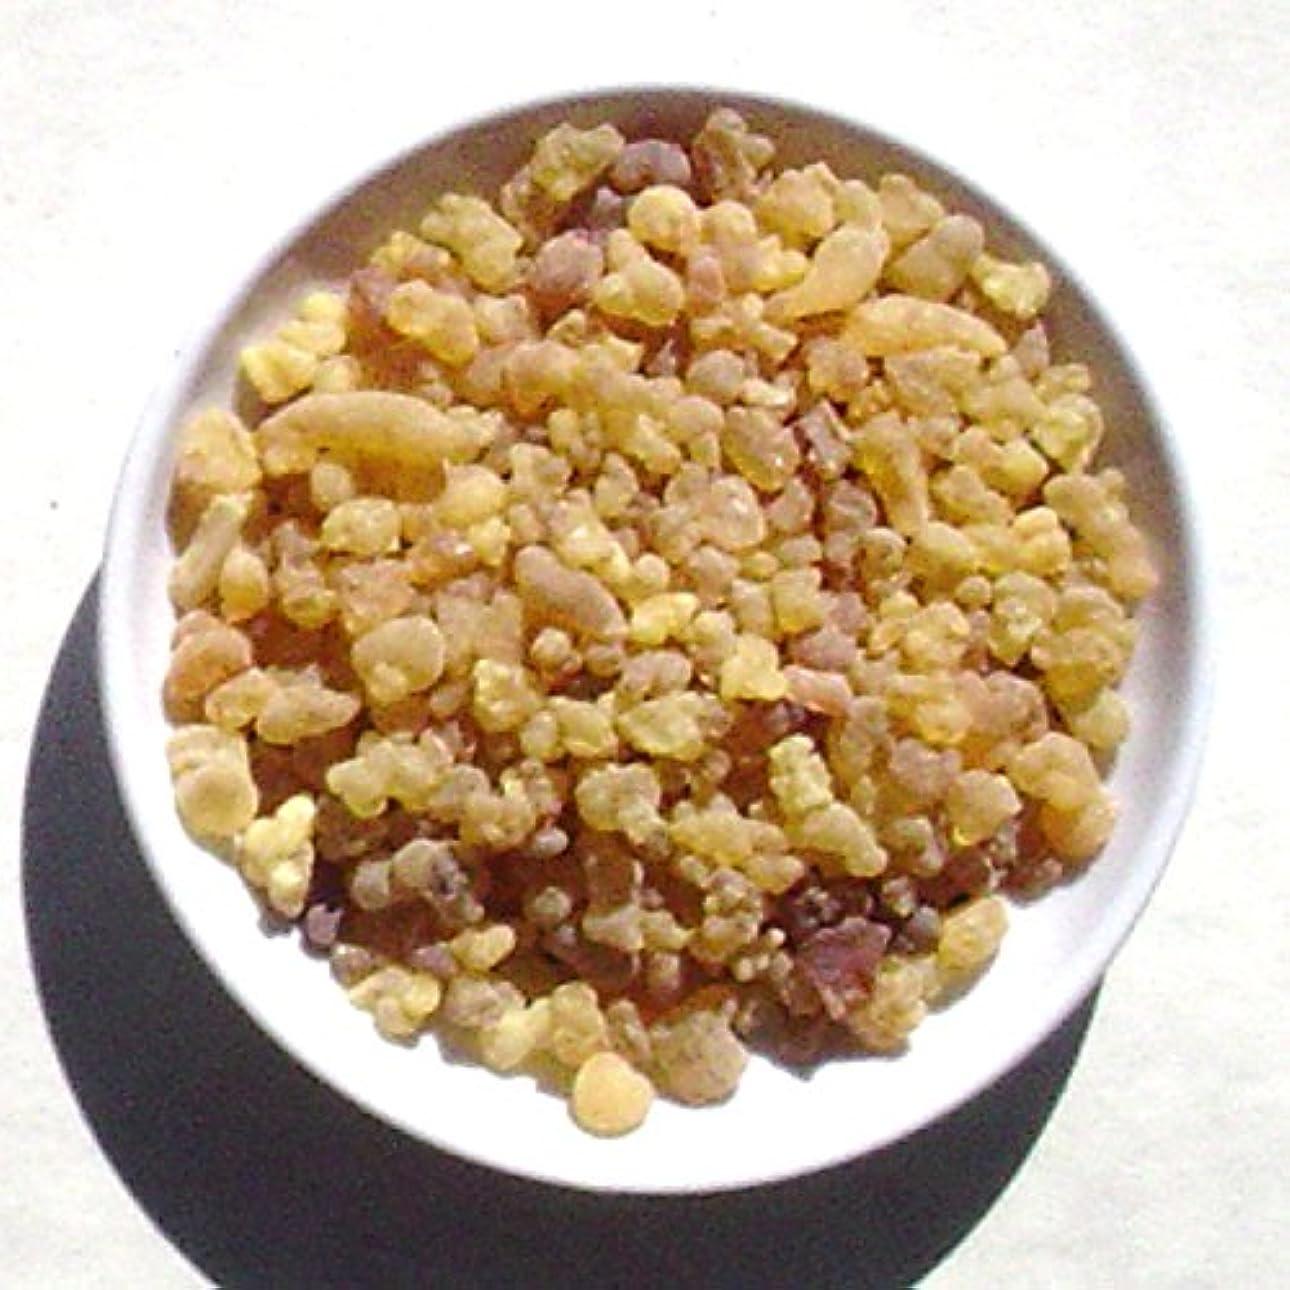 言い聞かせるアトミックチューインガムArabian Frankincense – 1ポンド – Traditional Incense (樹脂)バルク